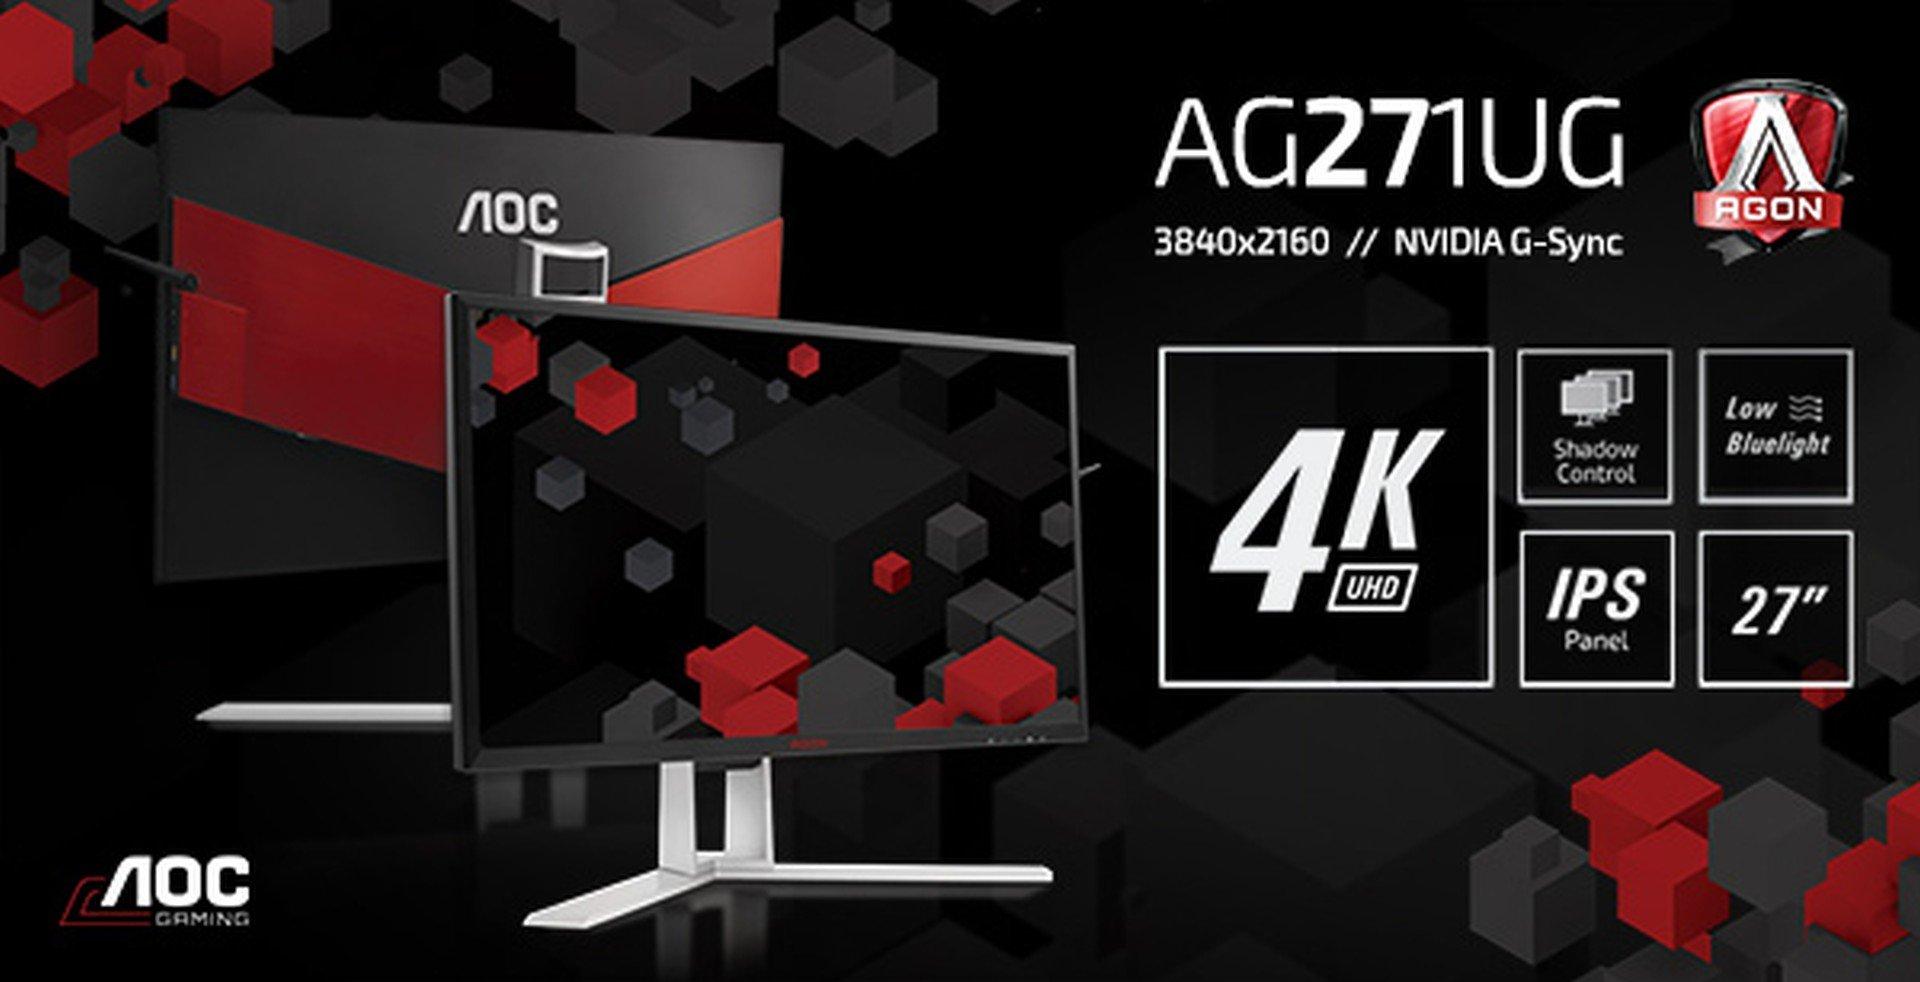 AOC AG271UG